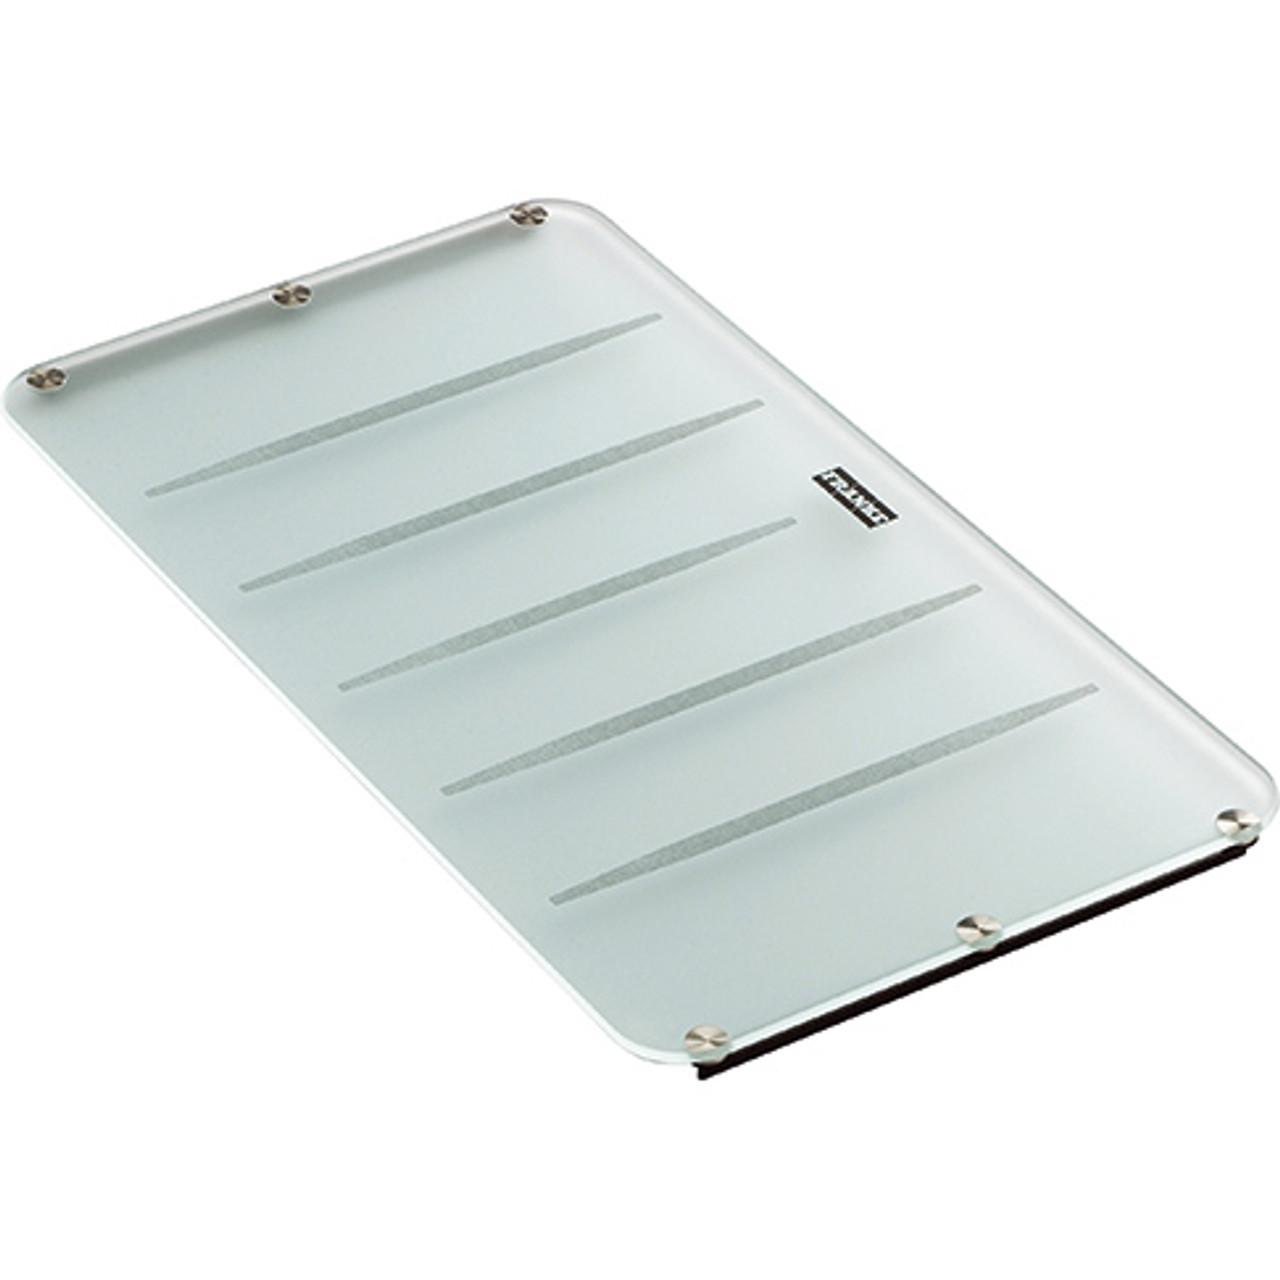 Franke Lsx611 Sliding Glass Preparation Platter 112 0039